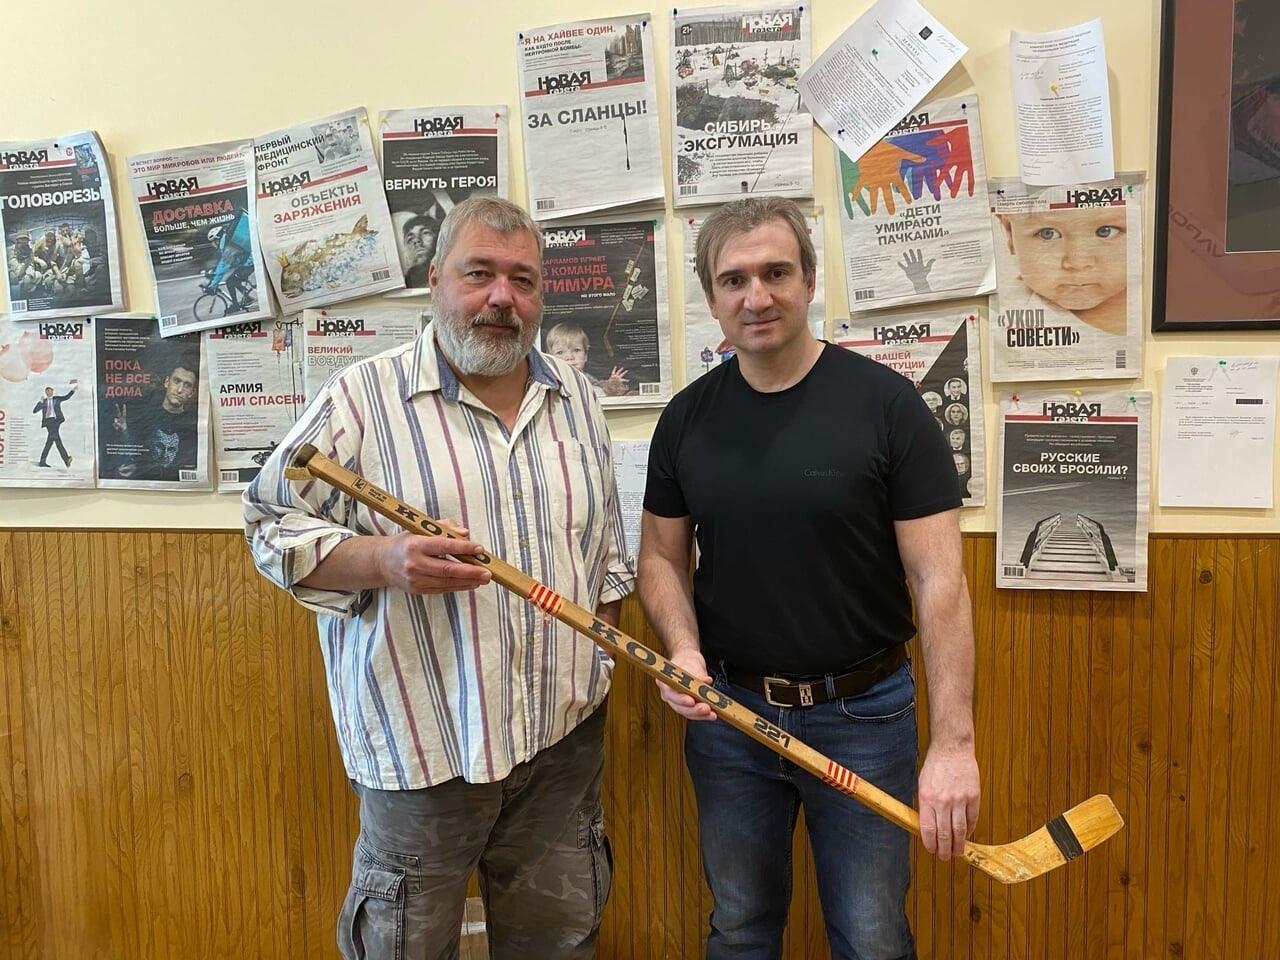 Александр Харламов подарил клюшку отца для аукциона, деньги пойдут на помощь детям, изображение №3